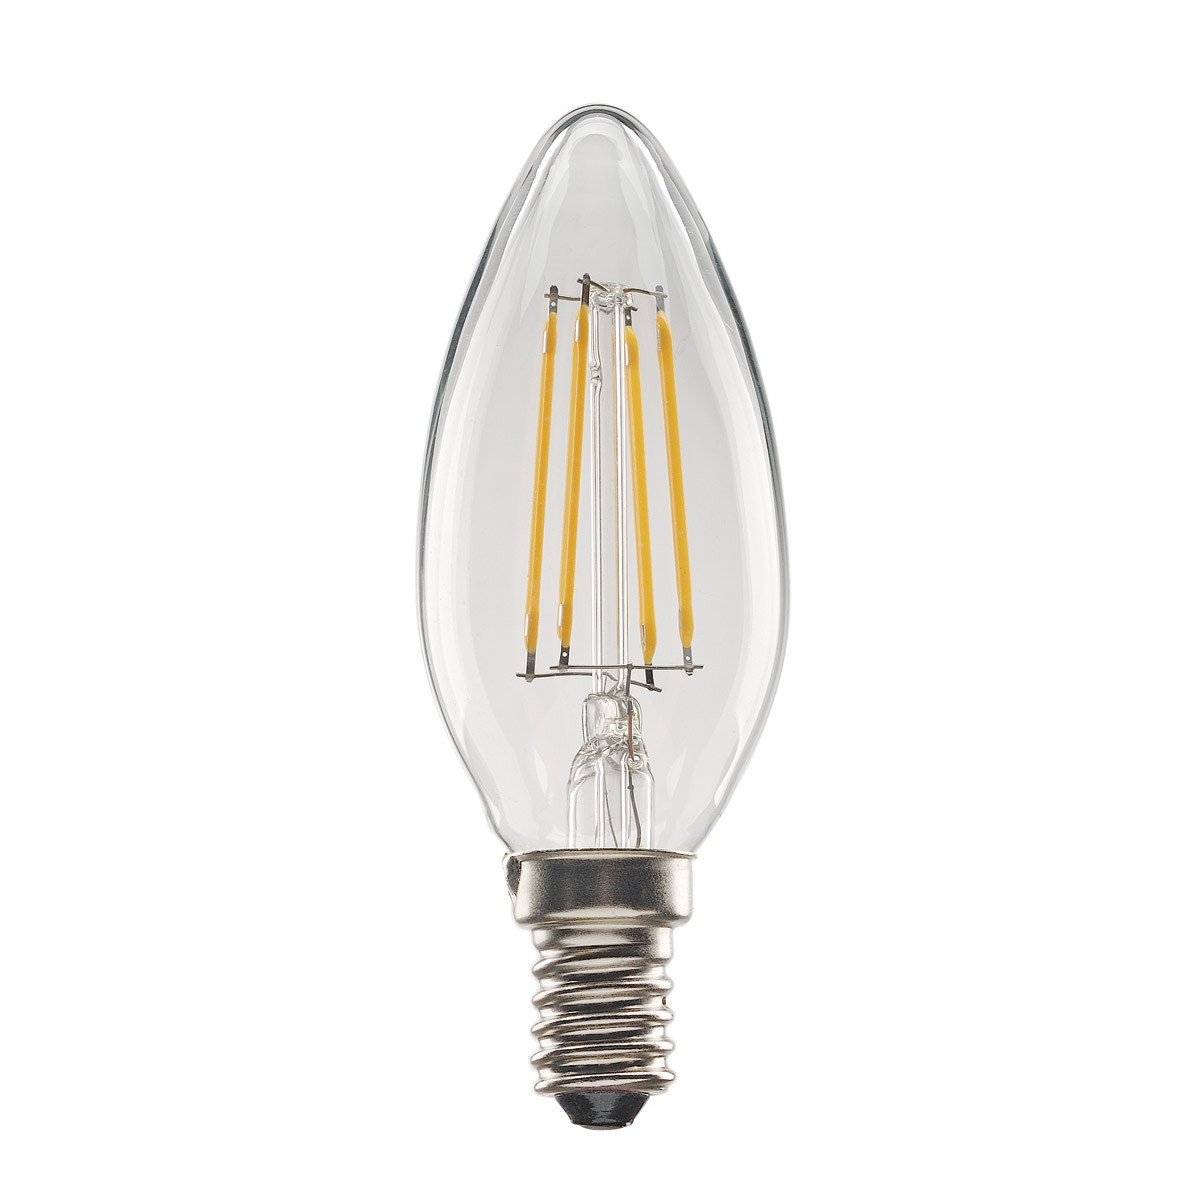 1 Stk VINTA LED 4W, E14, 2700K LI551822--